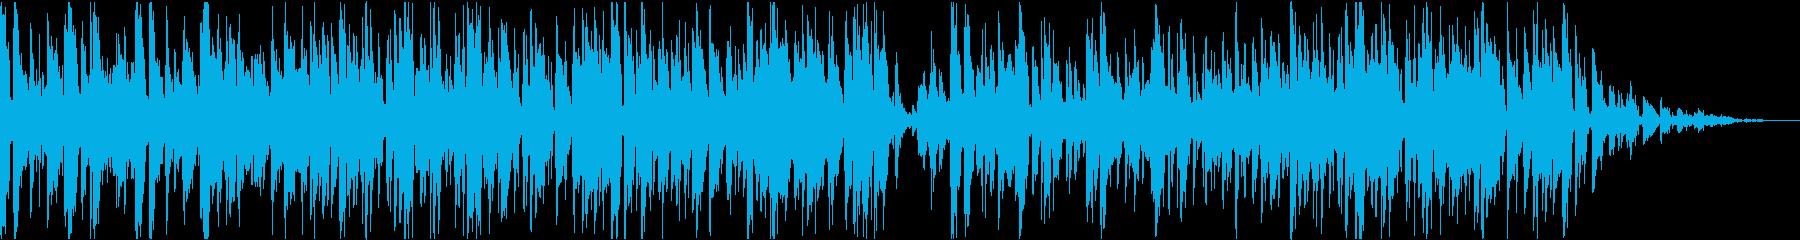 お洒落なカフェで流れてる曲の再生済みの波形